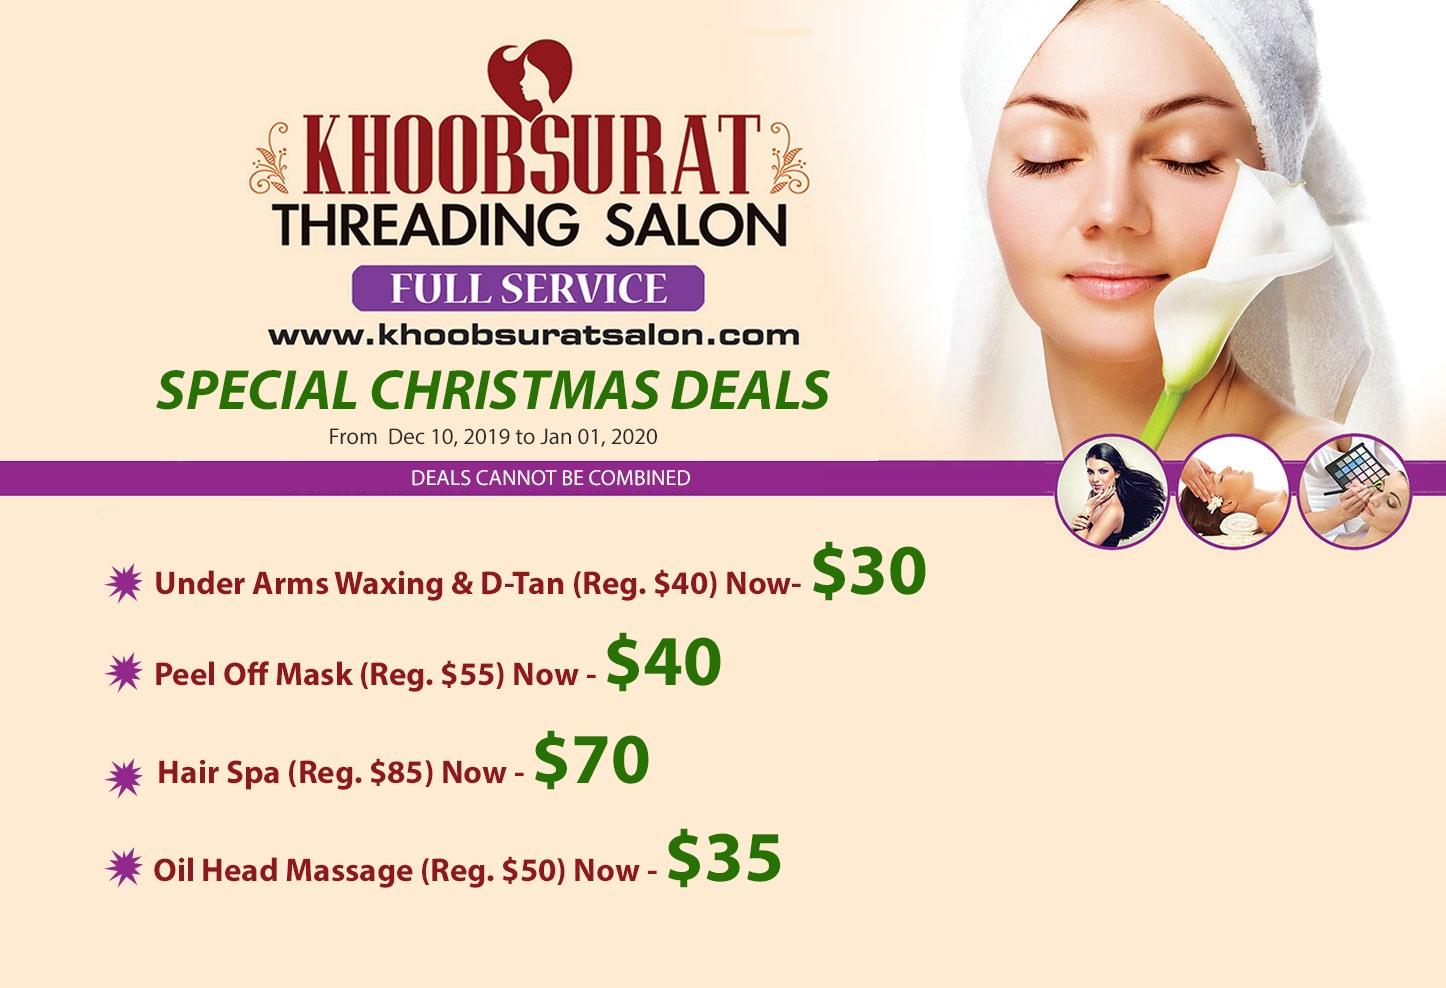 Khoobsurat Salon Christmas Deals Specials 2019